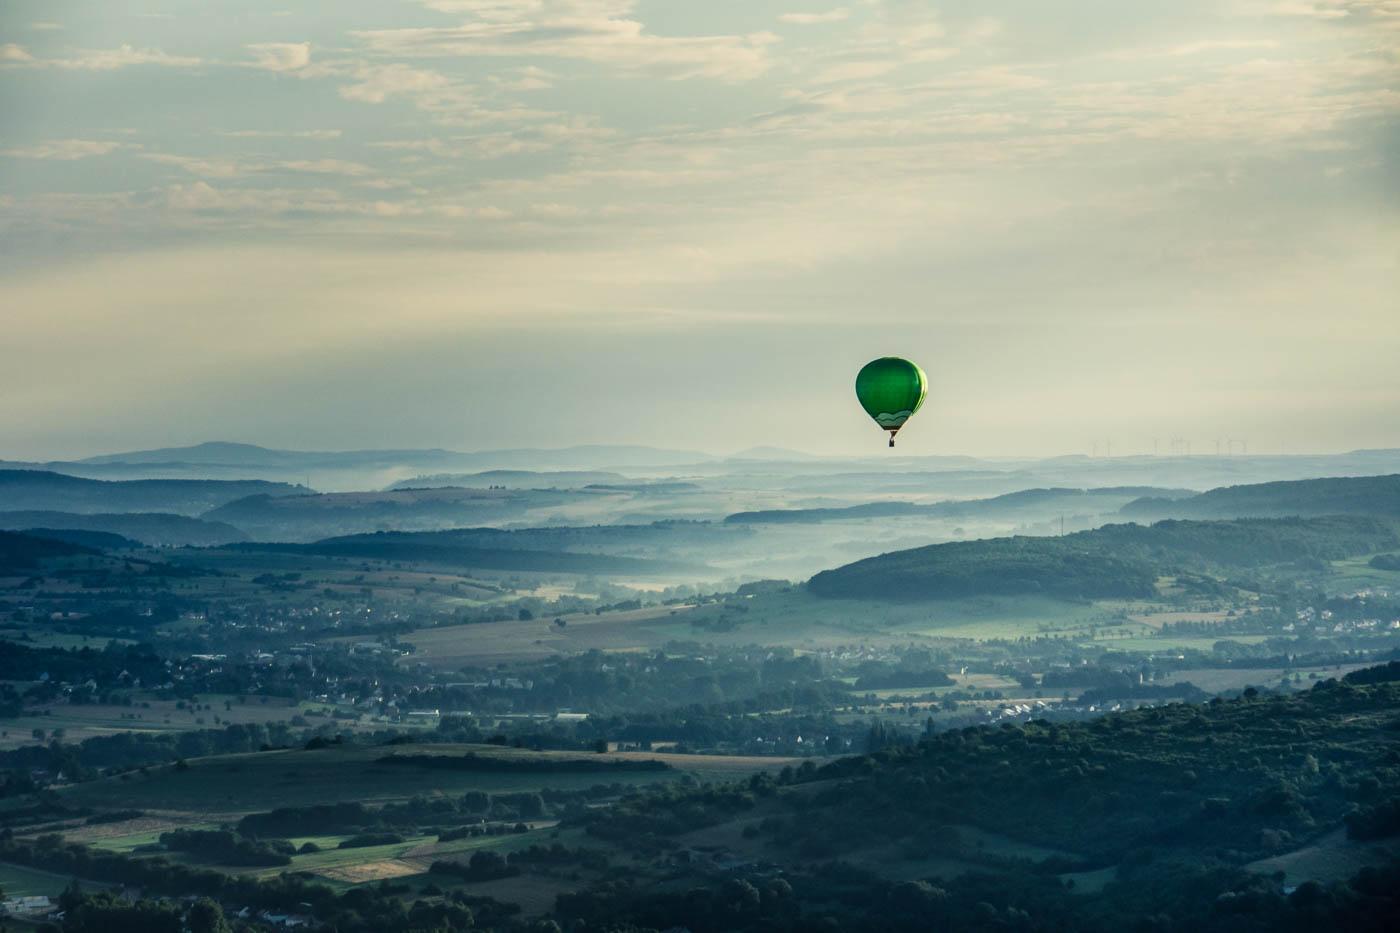 Ballon fahren